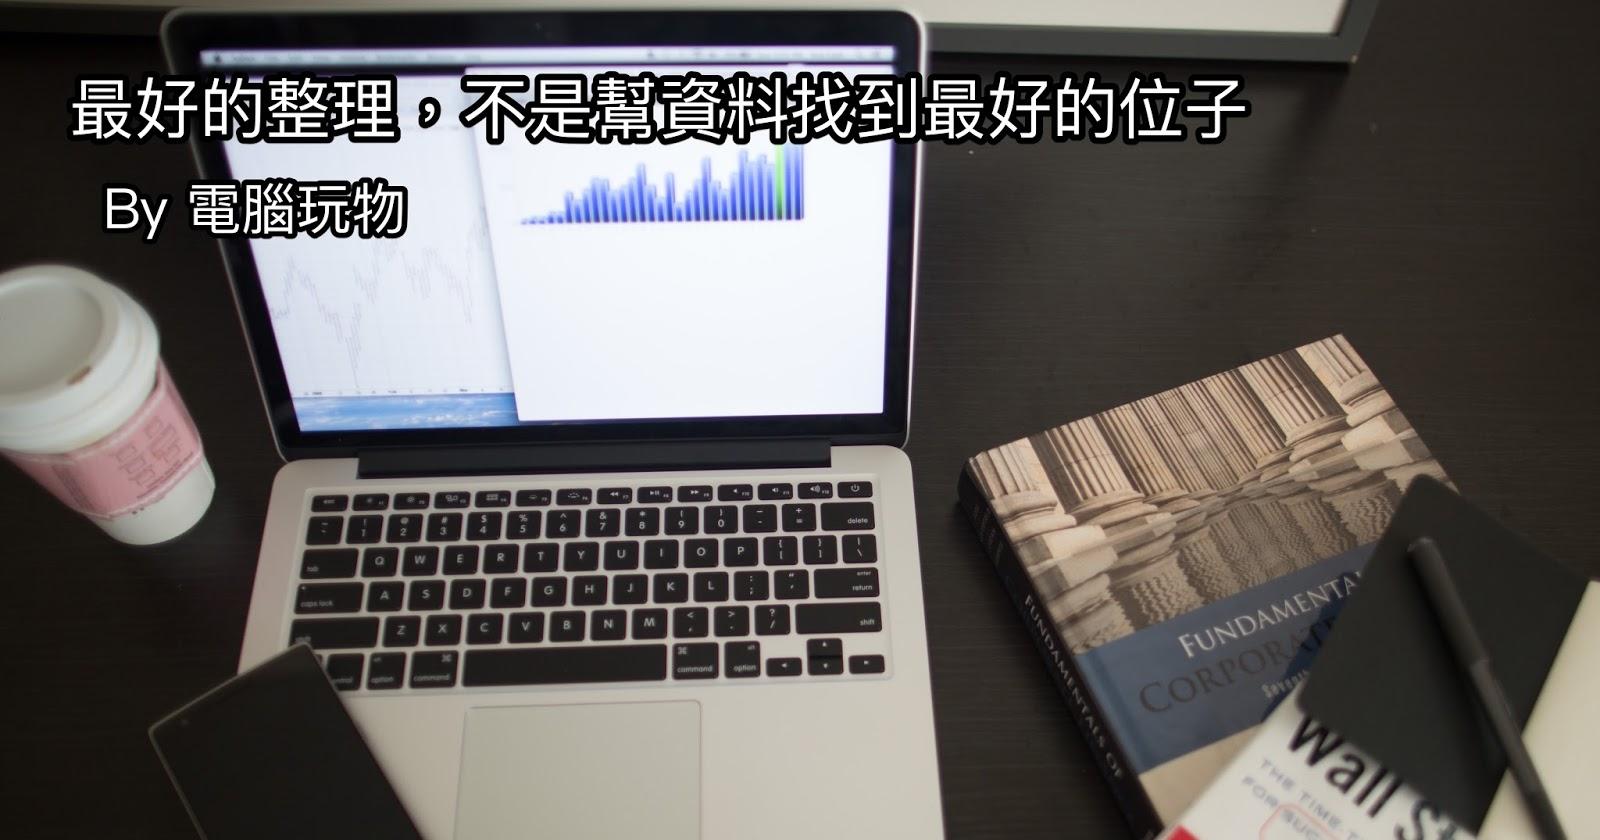 [整理術-3] 最好的整理不是資料分類,而是資料內在的筆記加工